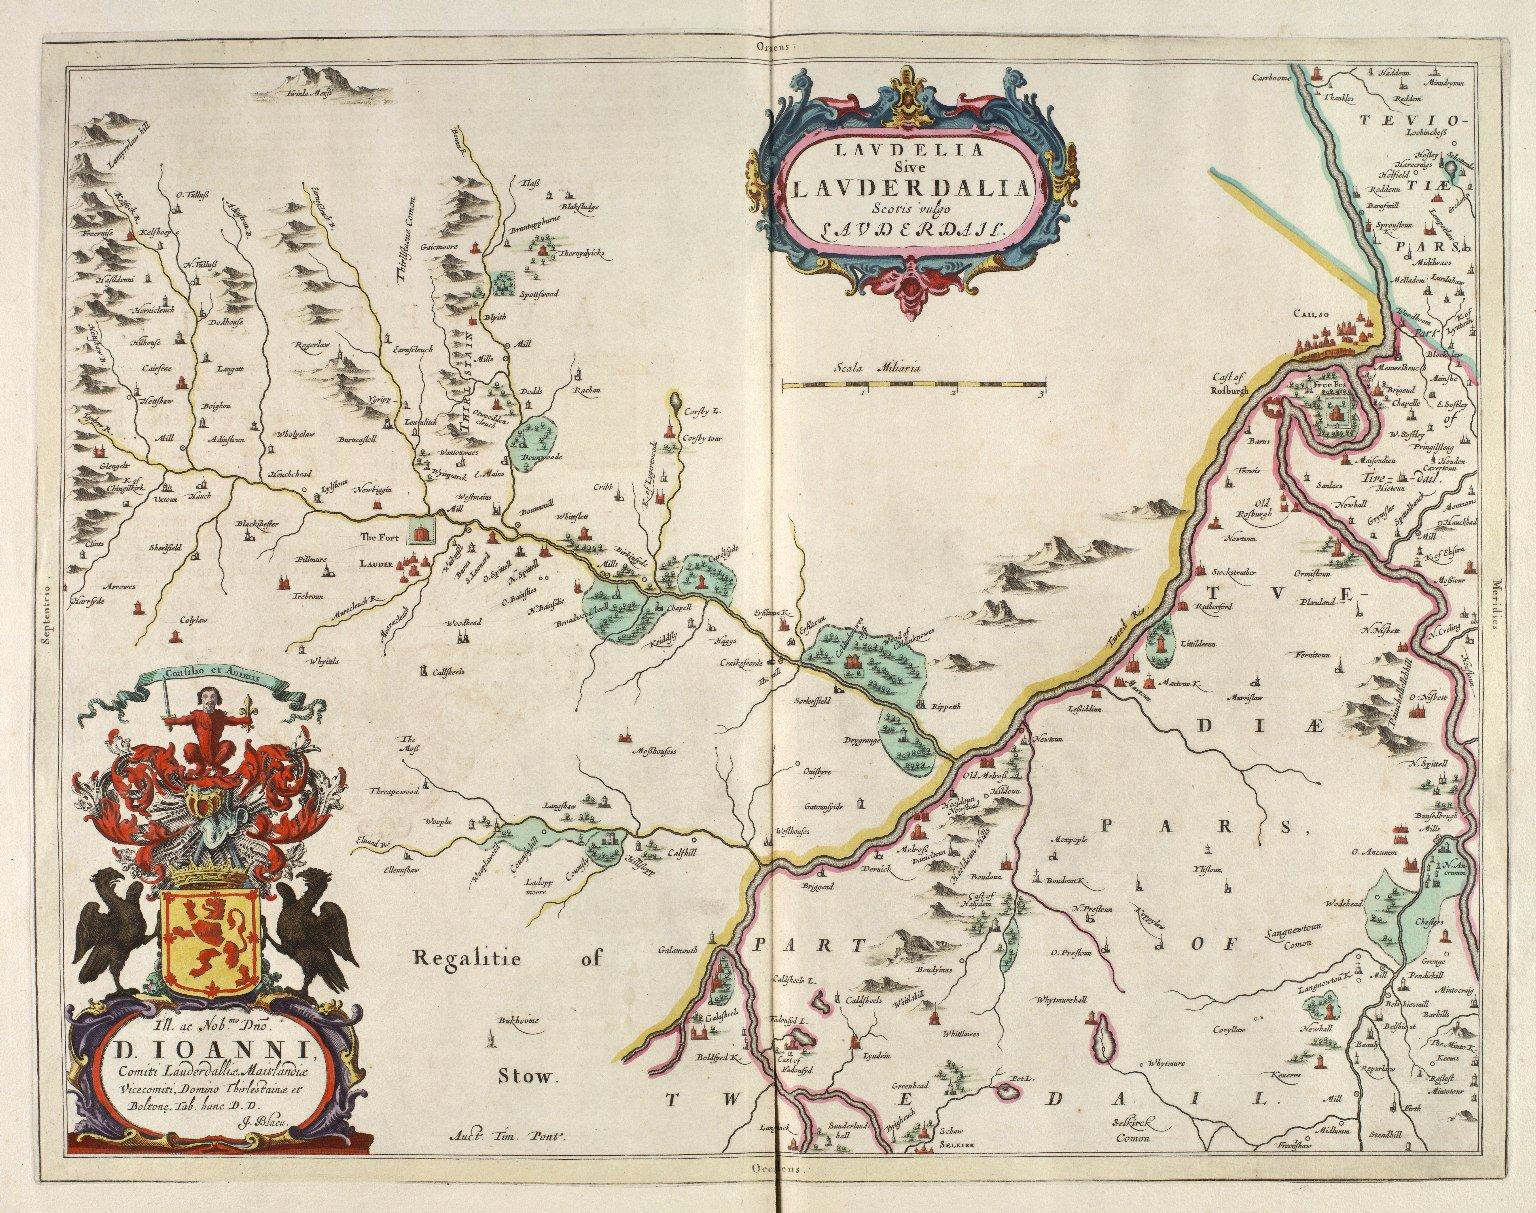 Laudelia sive Lauderdalia : Scotis vulgo, Lauderdail [i.e. Lauderdale] [1 of 1]